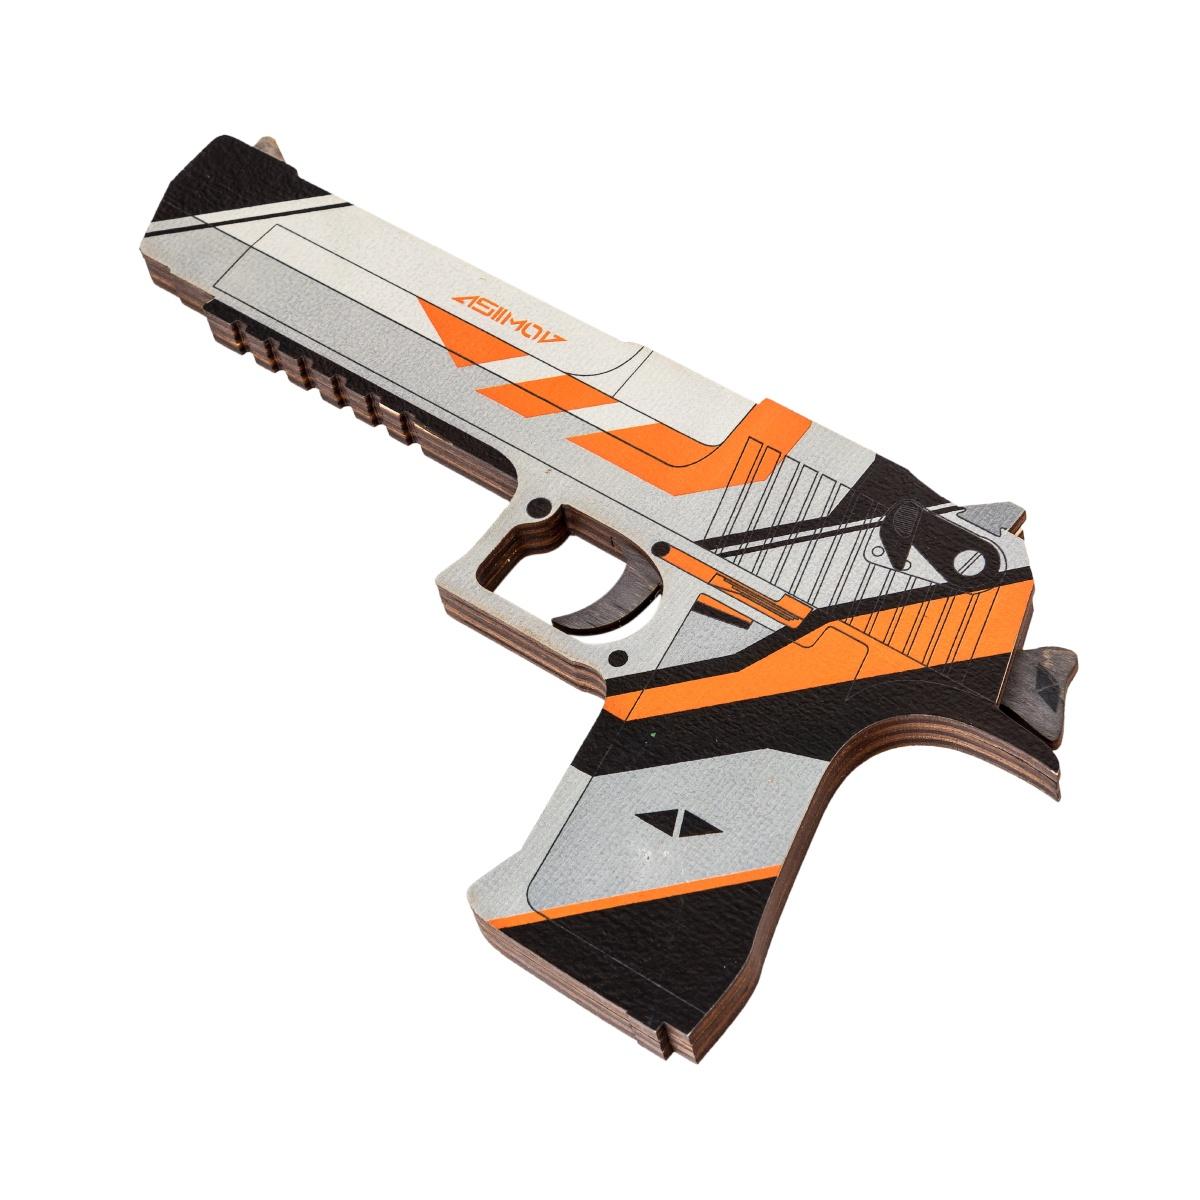 Пистолет игрушечный maskbro Дезерт Игл Азимов, 1120-0011120-001Легендарный Дигл Азимов из игры Counter Strike Global offensive. Desert Eagle Aзимов, выполненный из дерева станет отличным подарком Вашему парню - любителю КС.